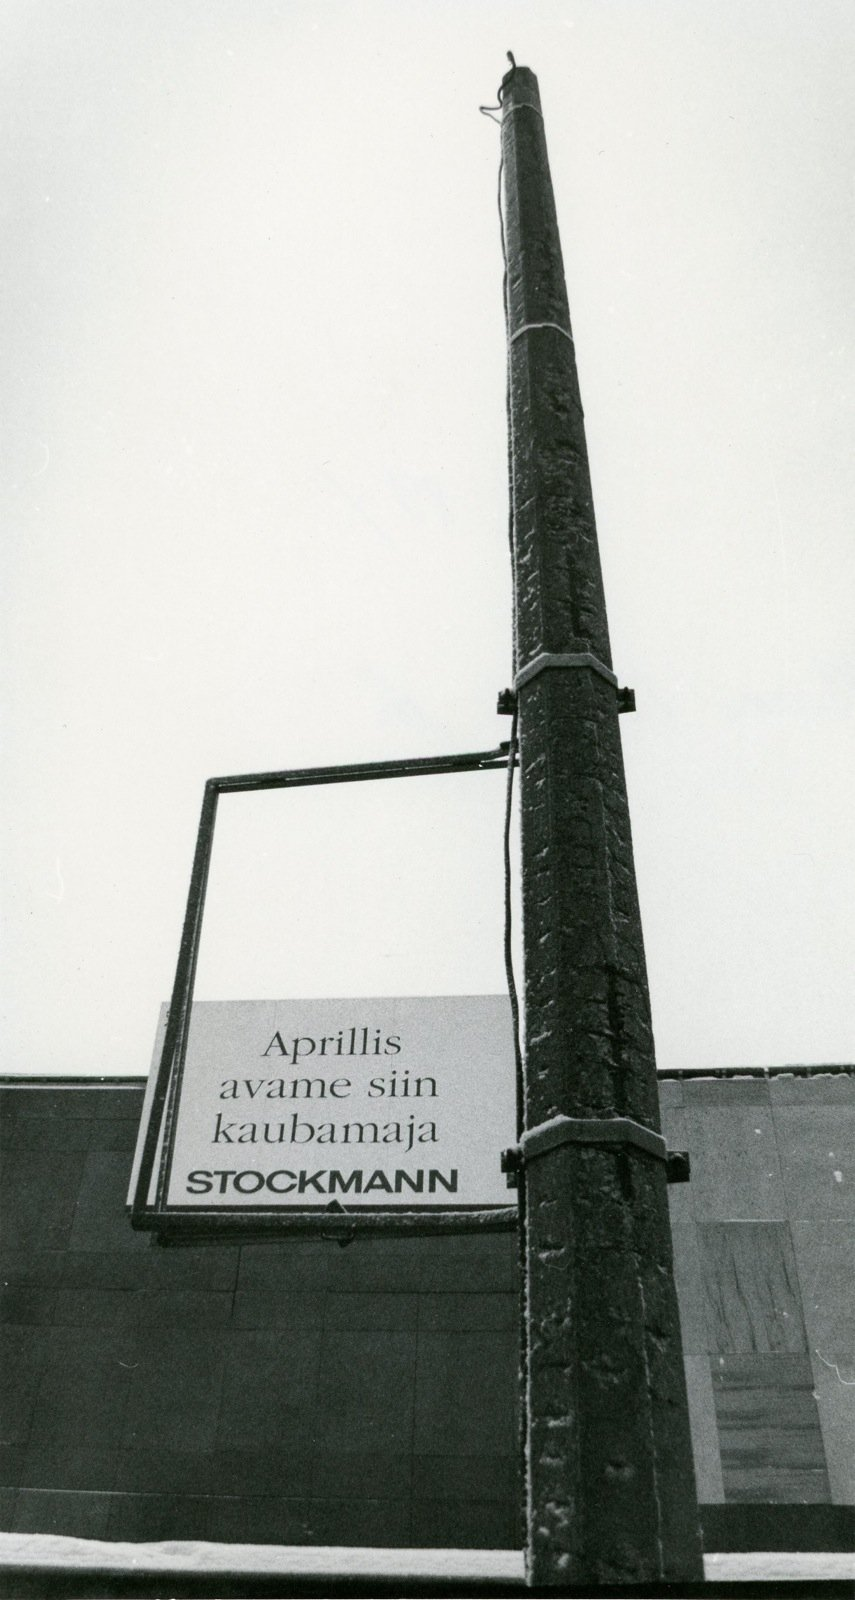 2d32e989f14 FOTOD | Nii avati Stockmann: kunagise Baltikumi suurima kaubamaja ...